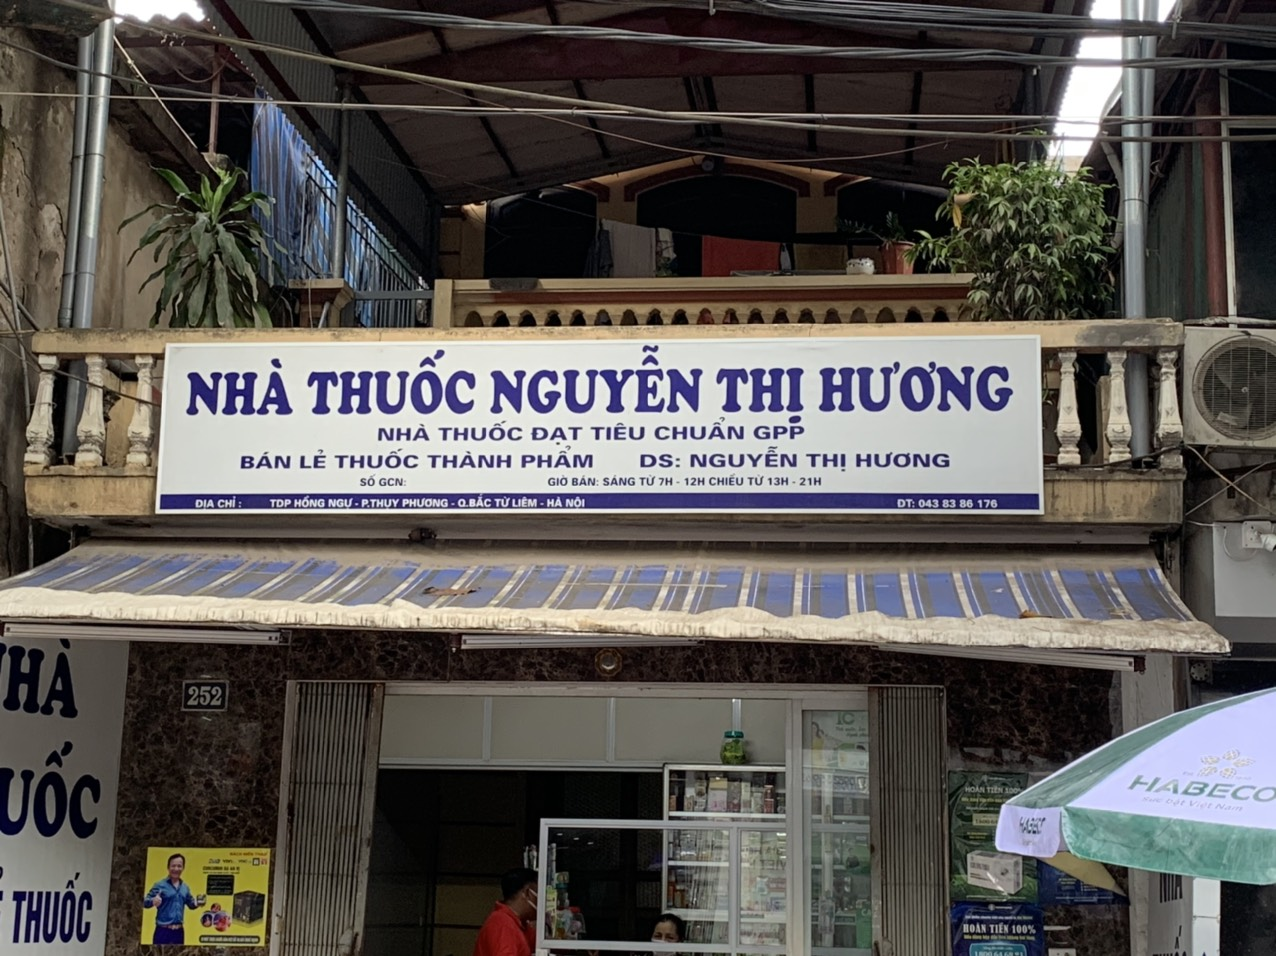 NT Nguyễn Thị Hương